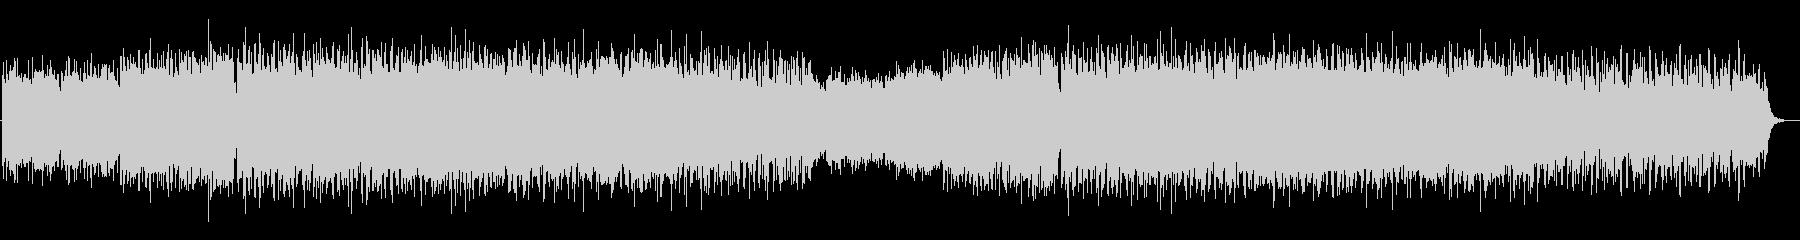 生演奏バイオリンのFuture bassの未再生の波形